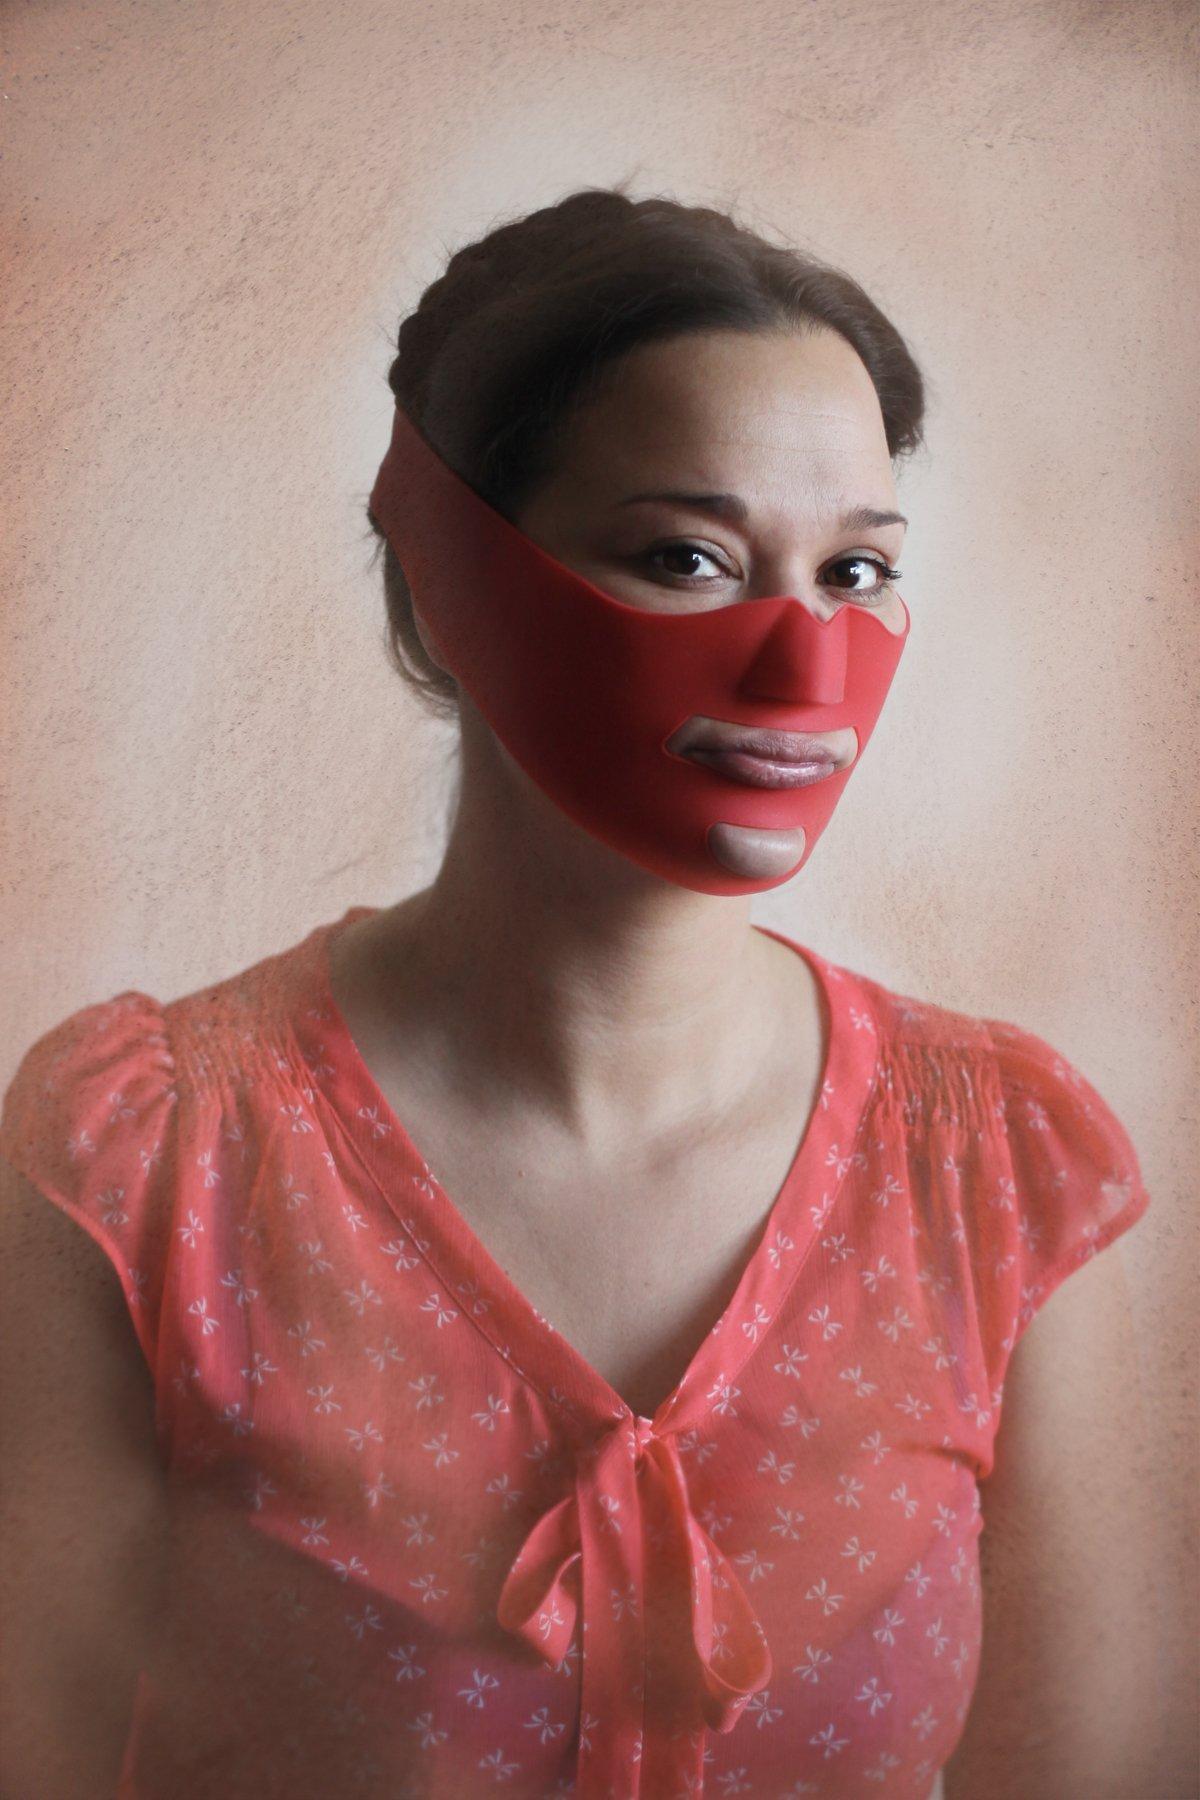 Прищепка на нос и утиные губы: на что готовы женщины ради красоты и молодости (15 фото)